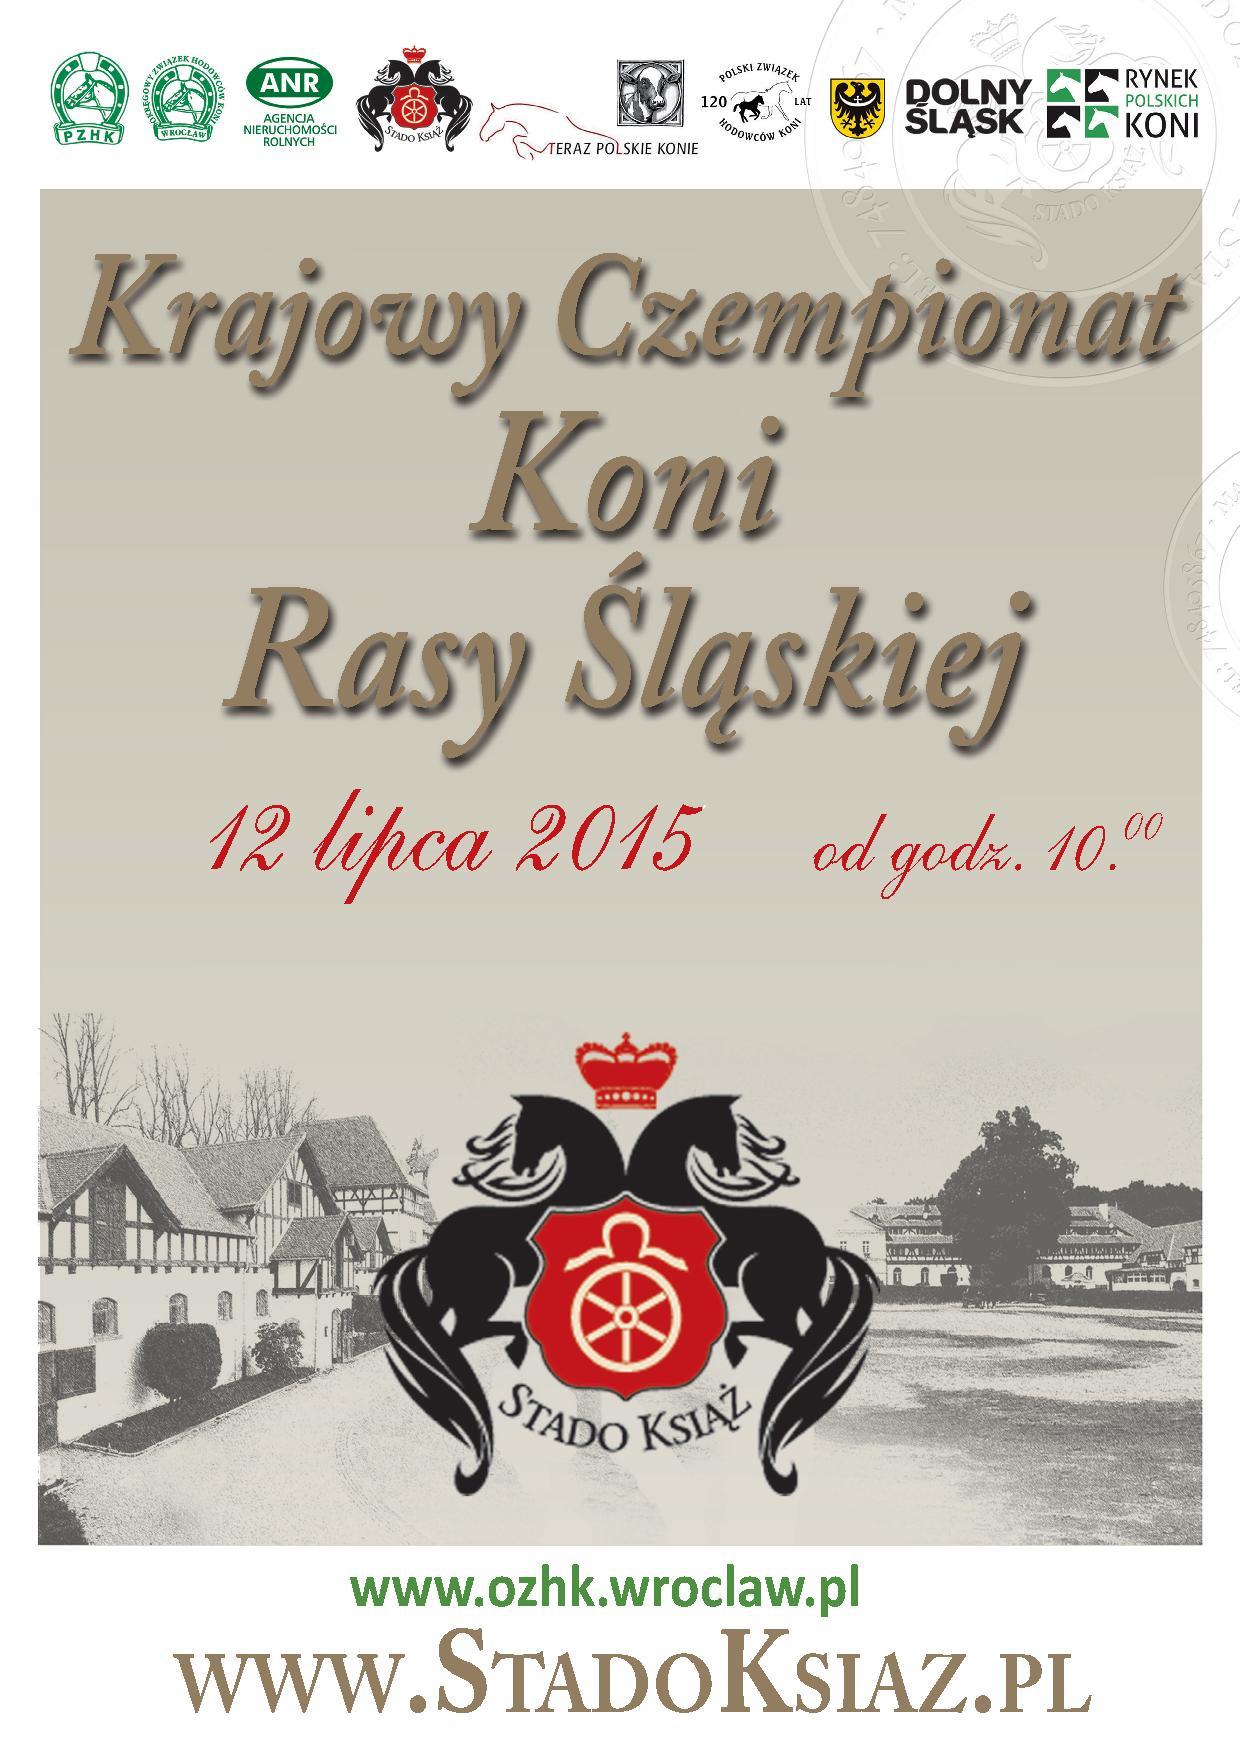 Krajowy Czempionat Koni Rasy Śląskiej – Stado Książ 2015